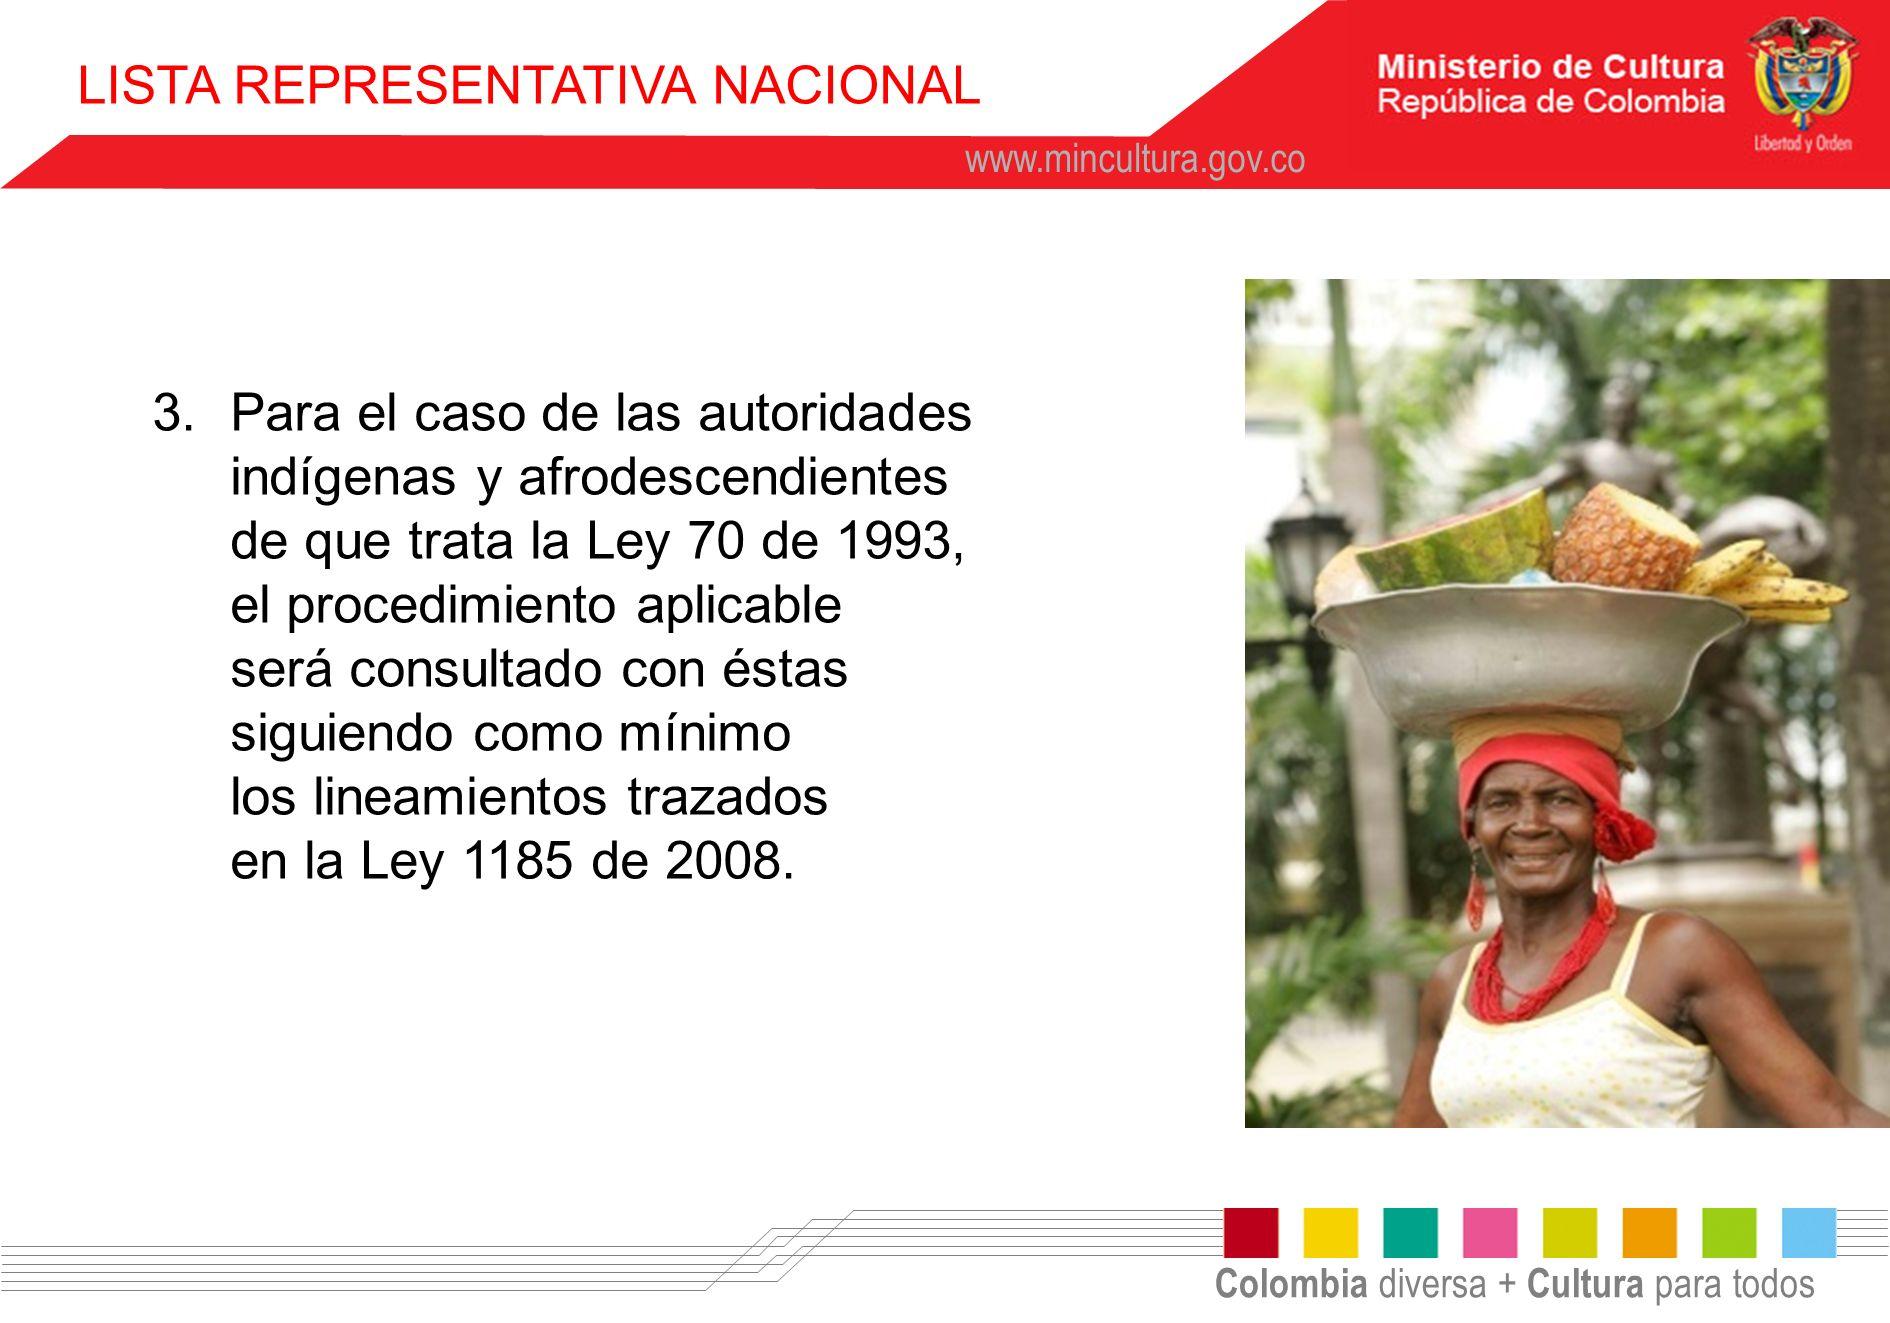 Colombia diversa + Cultura para todos www.mincultura.gov.co 3.Para el caso de las autoridades indígenas y afrodescendientes de que trata la Ley 70 de